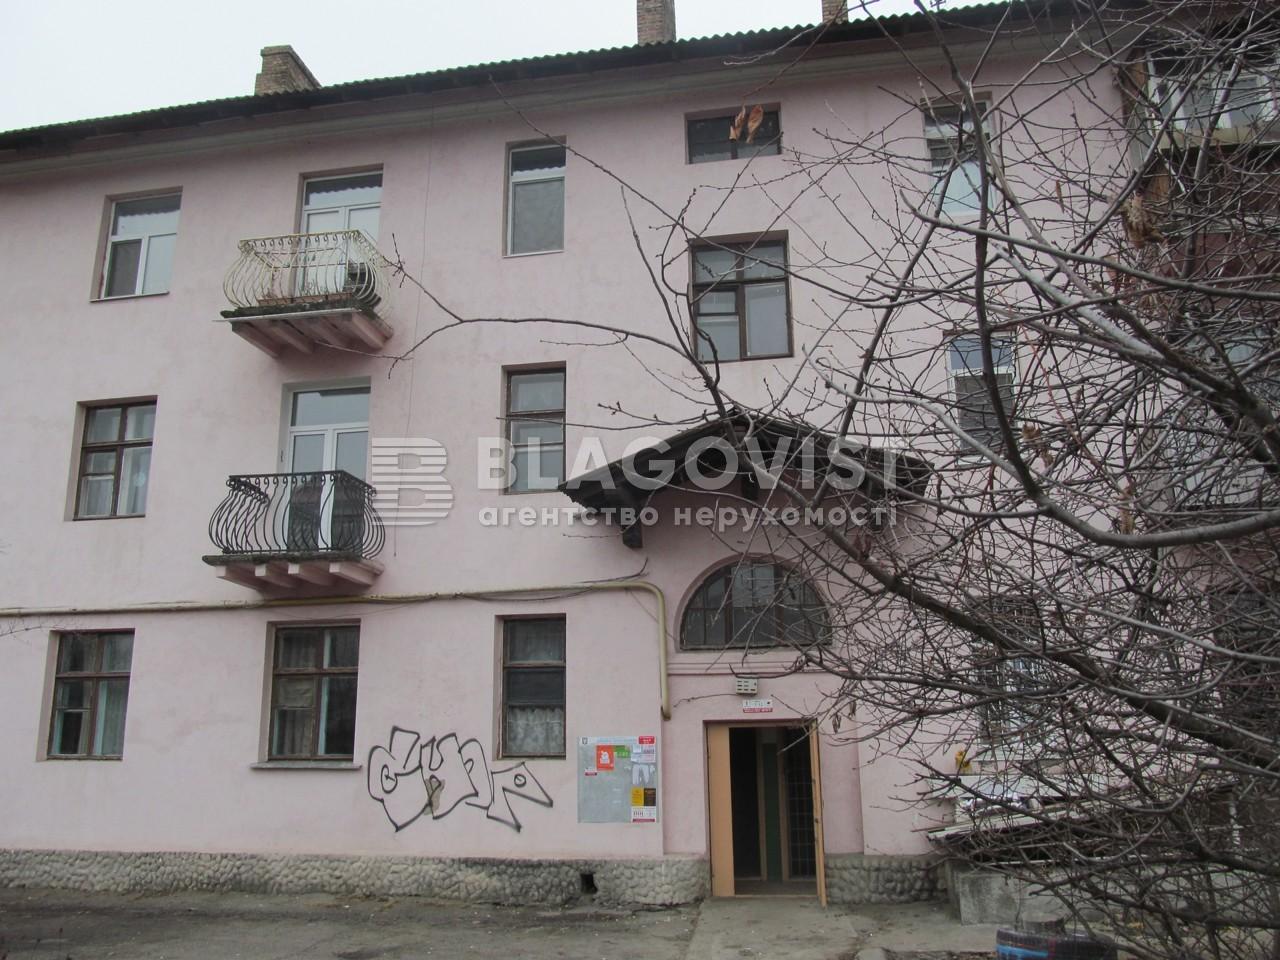 Нежитлове приміщення, H-38676, Тороповського Георгія (Дубового Івана), Київ - Фото 2